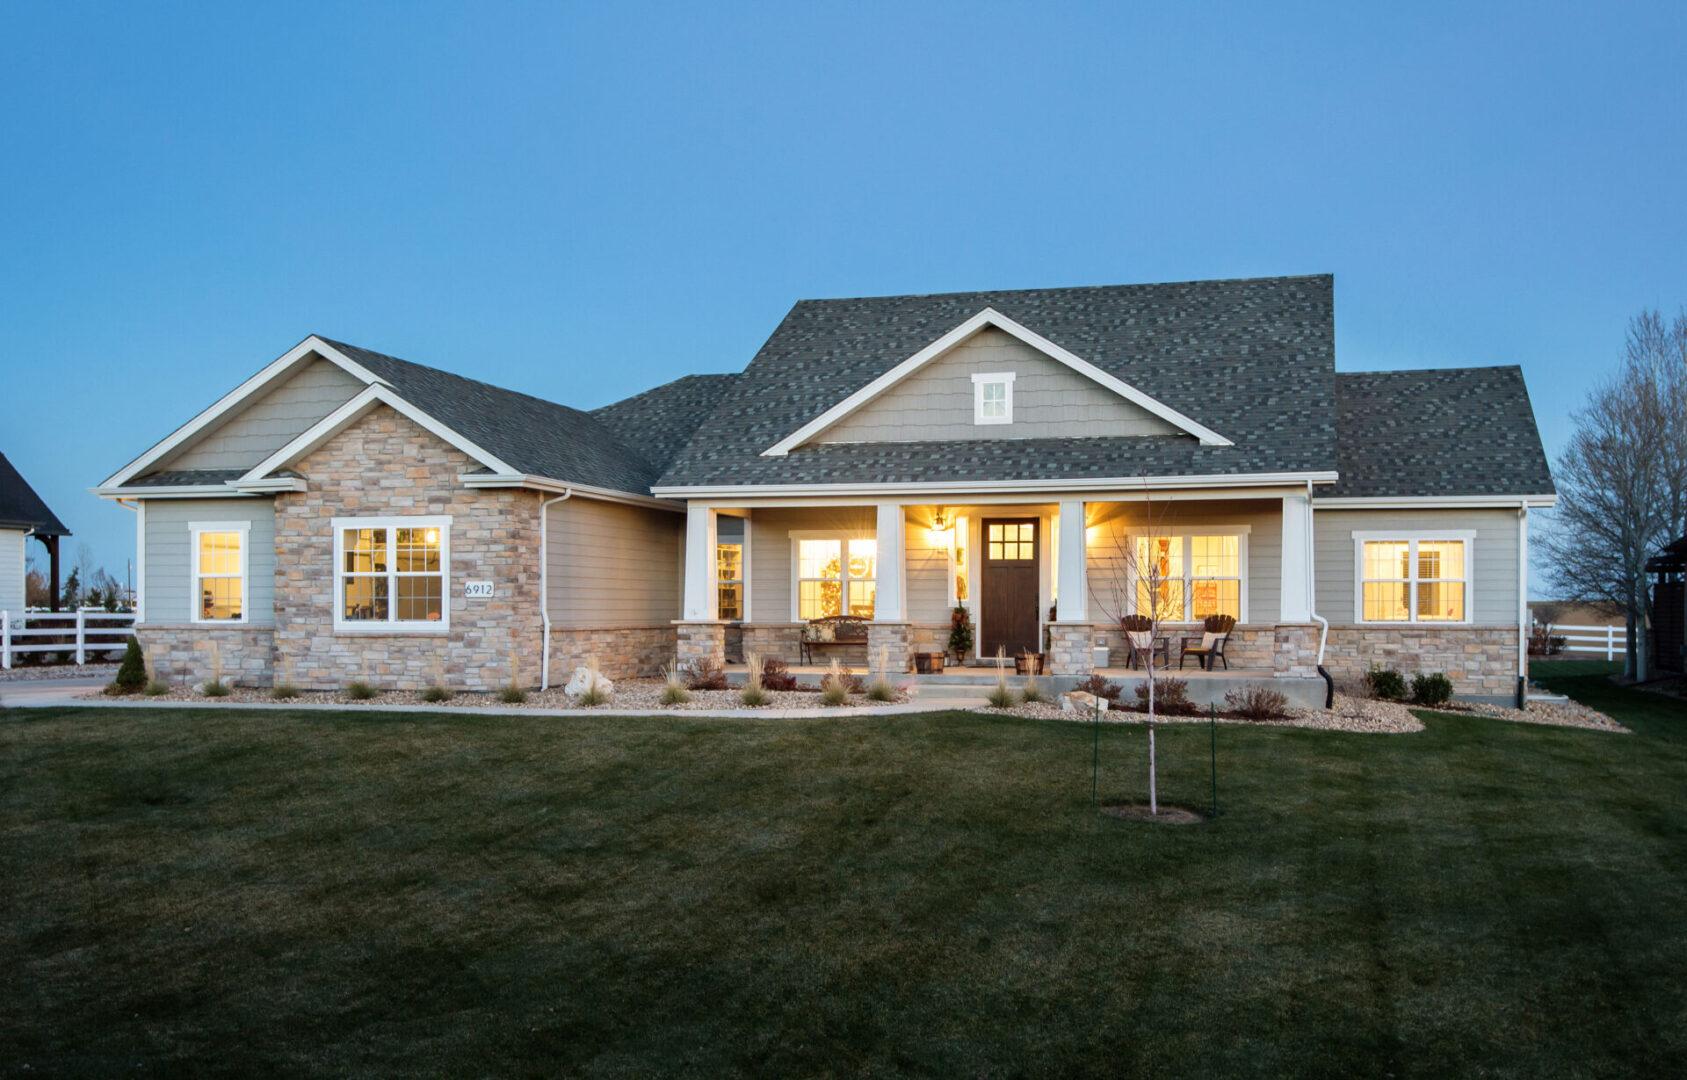 modern house with clean cut grass yard